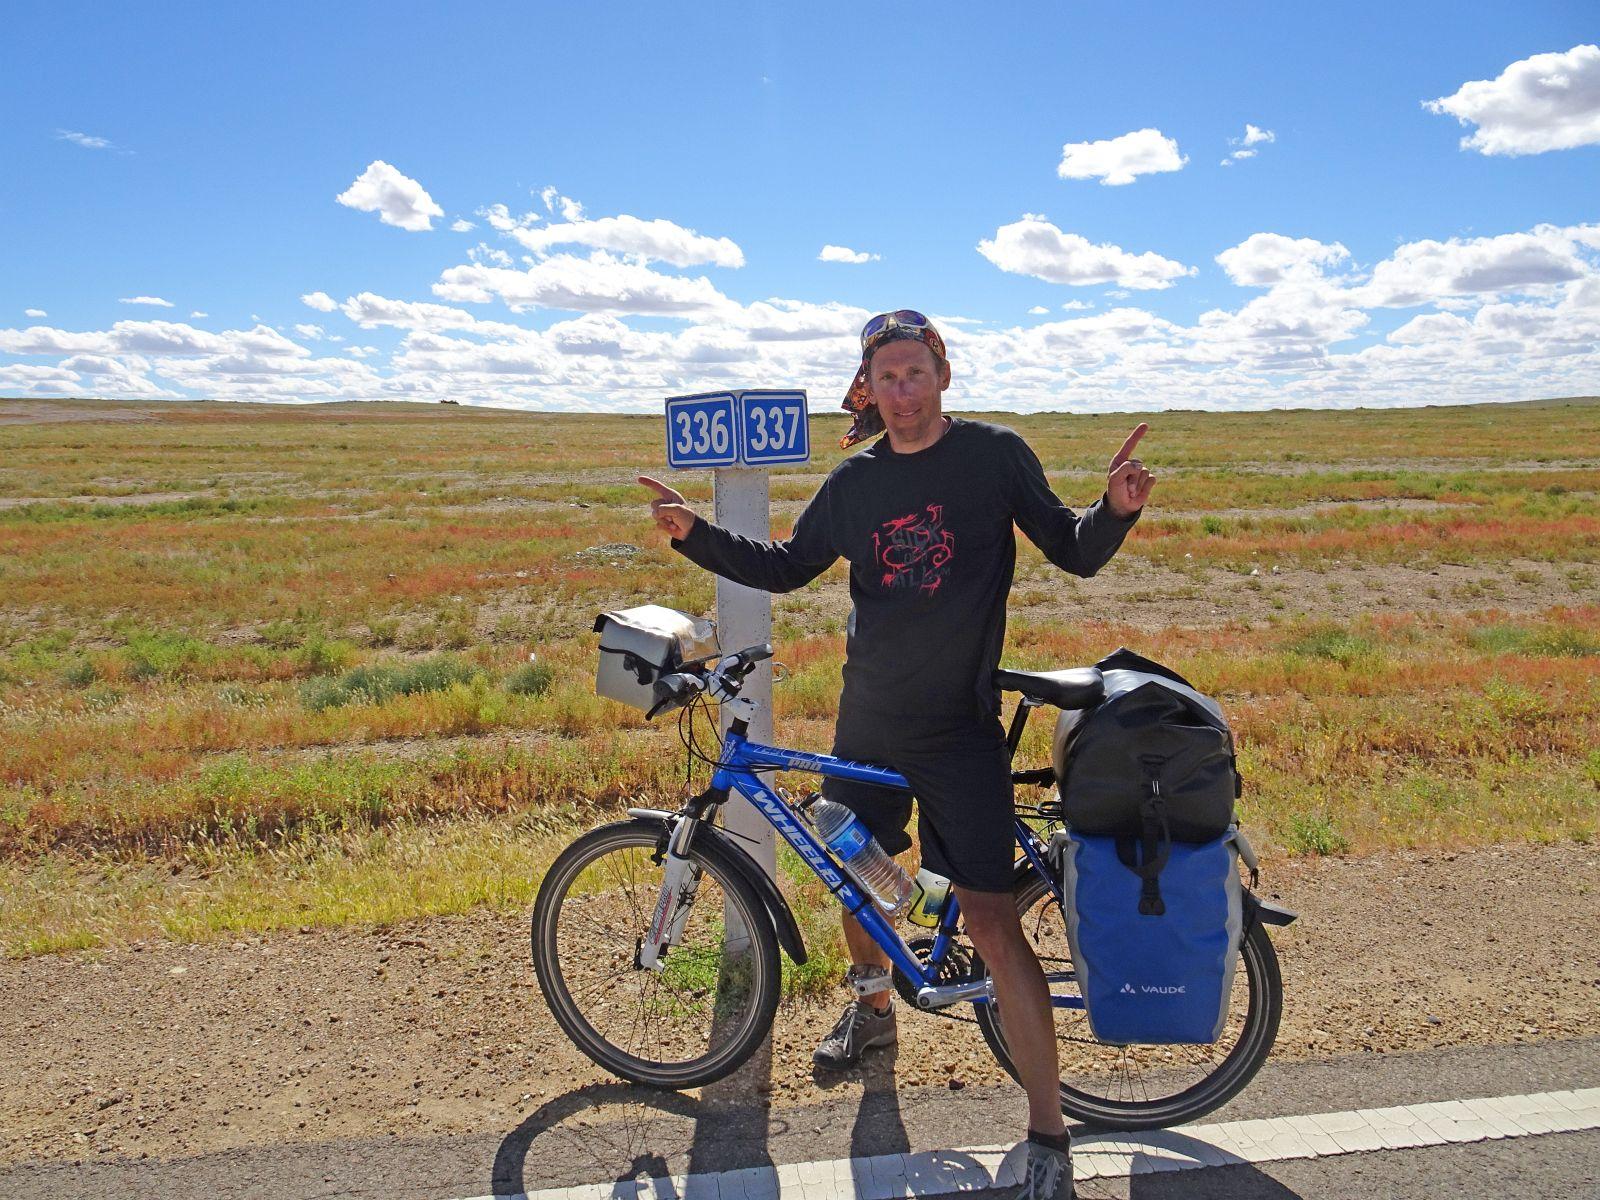 04.09.2016 – 09.09.2016 von Ulaanbaatar nach Sainschand